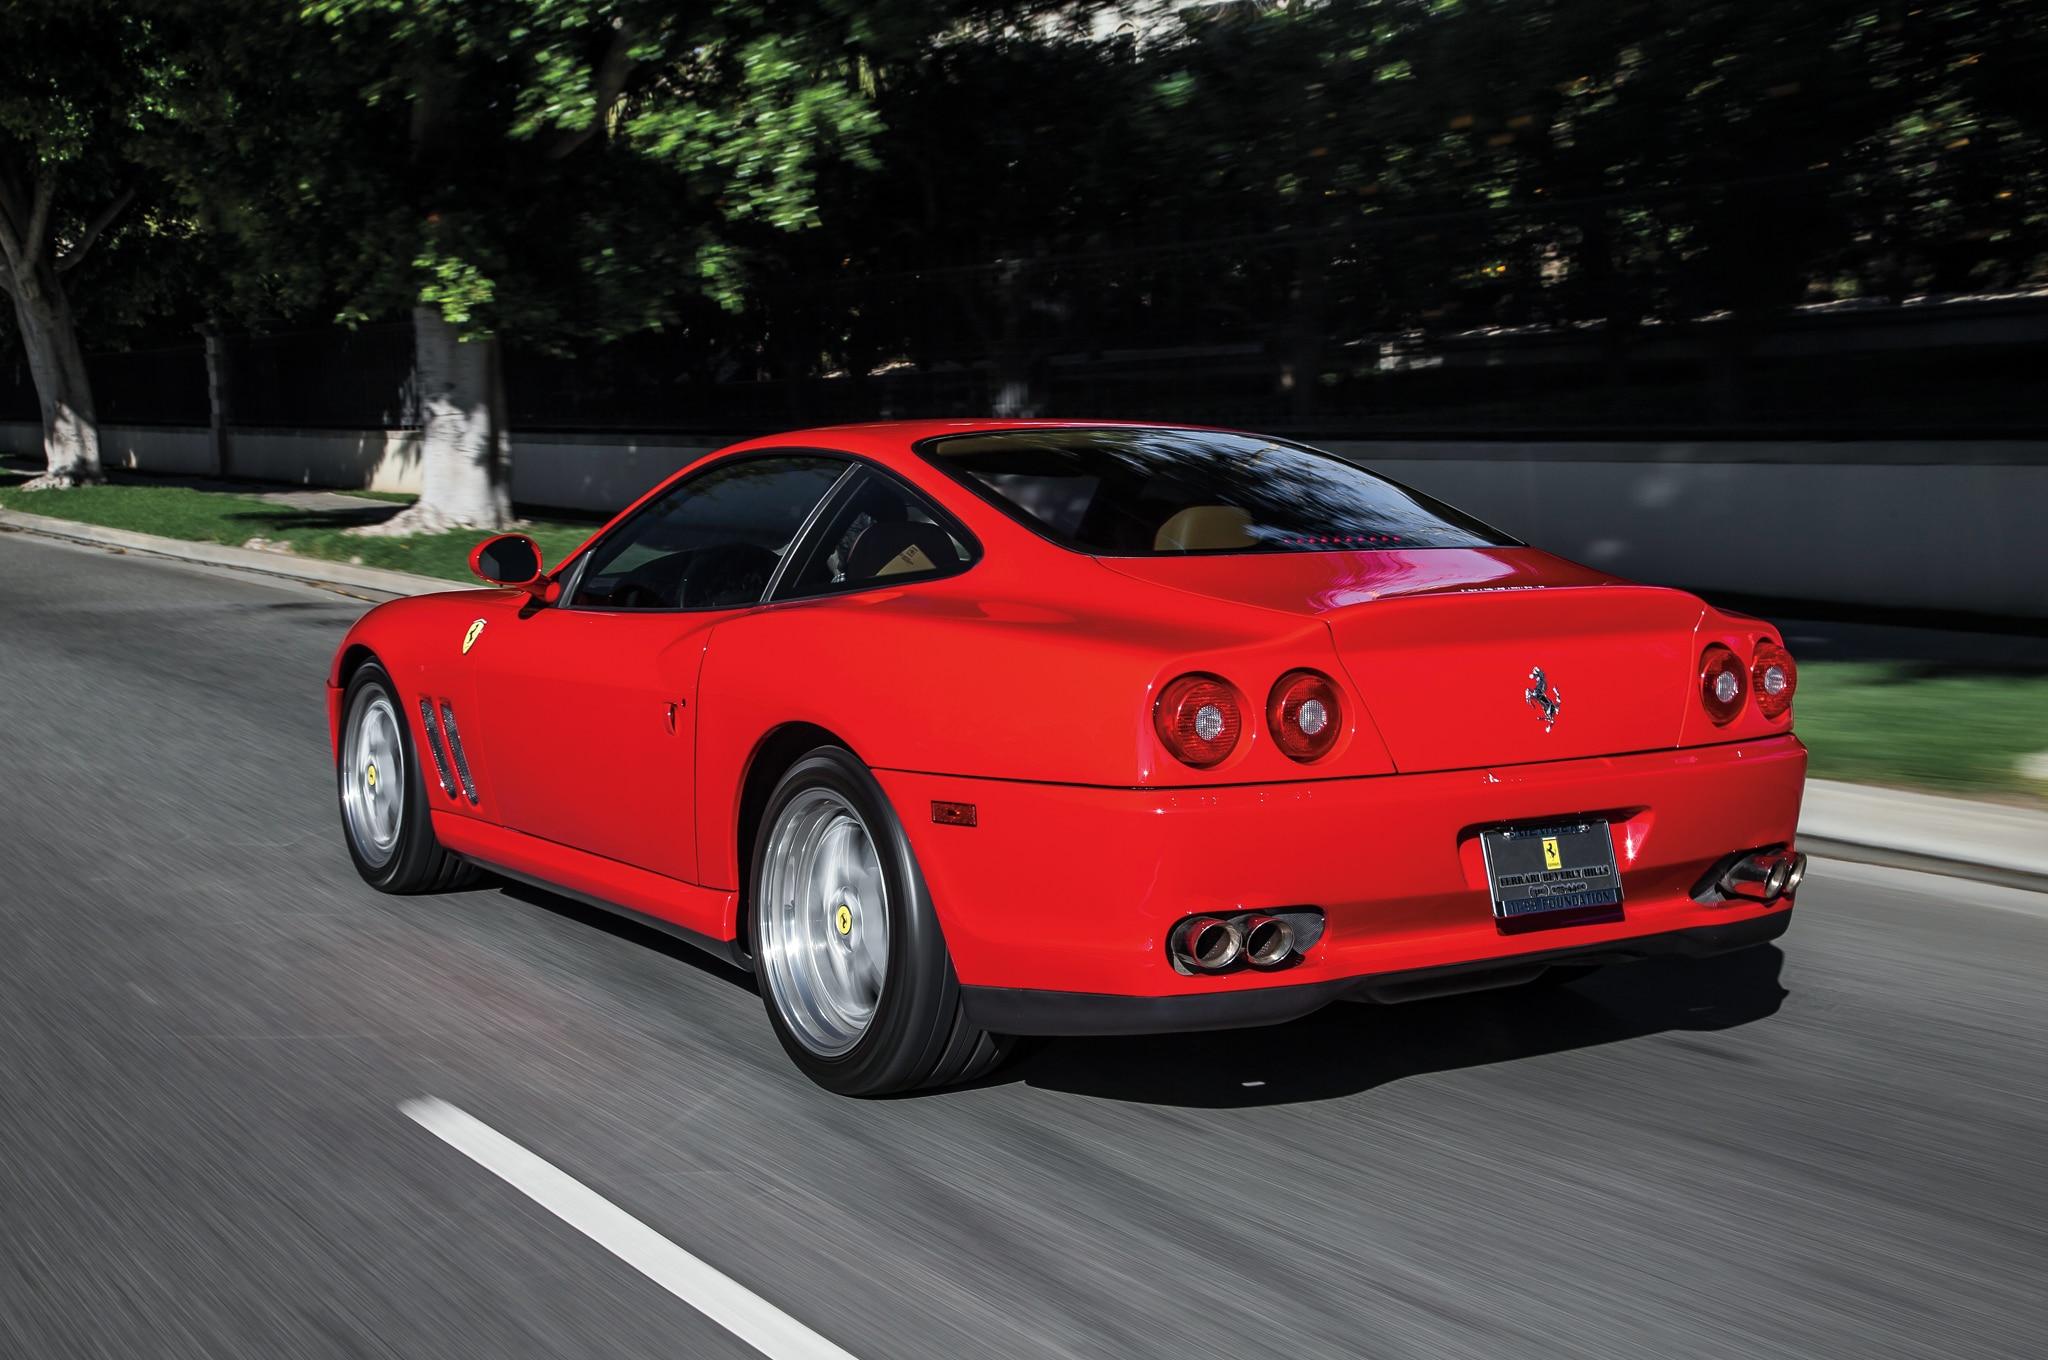 Collectible Clic: 1997-2002 Ferrari 550 Maranello